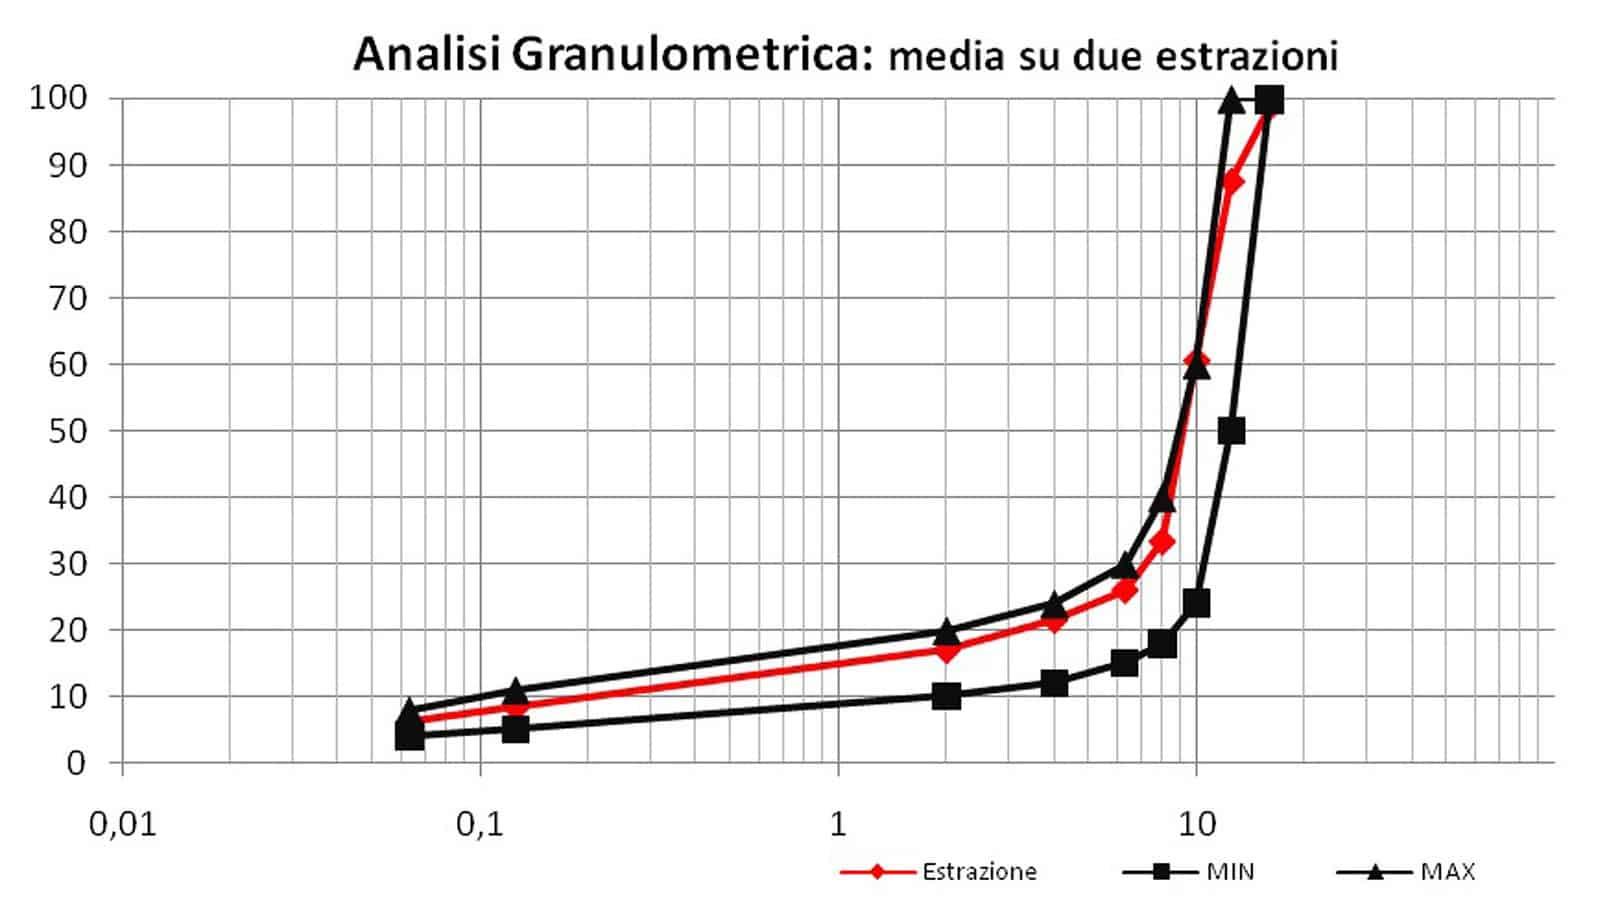 L'analisi granulometrica Anti-Richiamo Lesioni - Laboratorio Iterchimica Srl (media su due estrazioni)